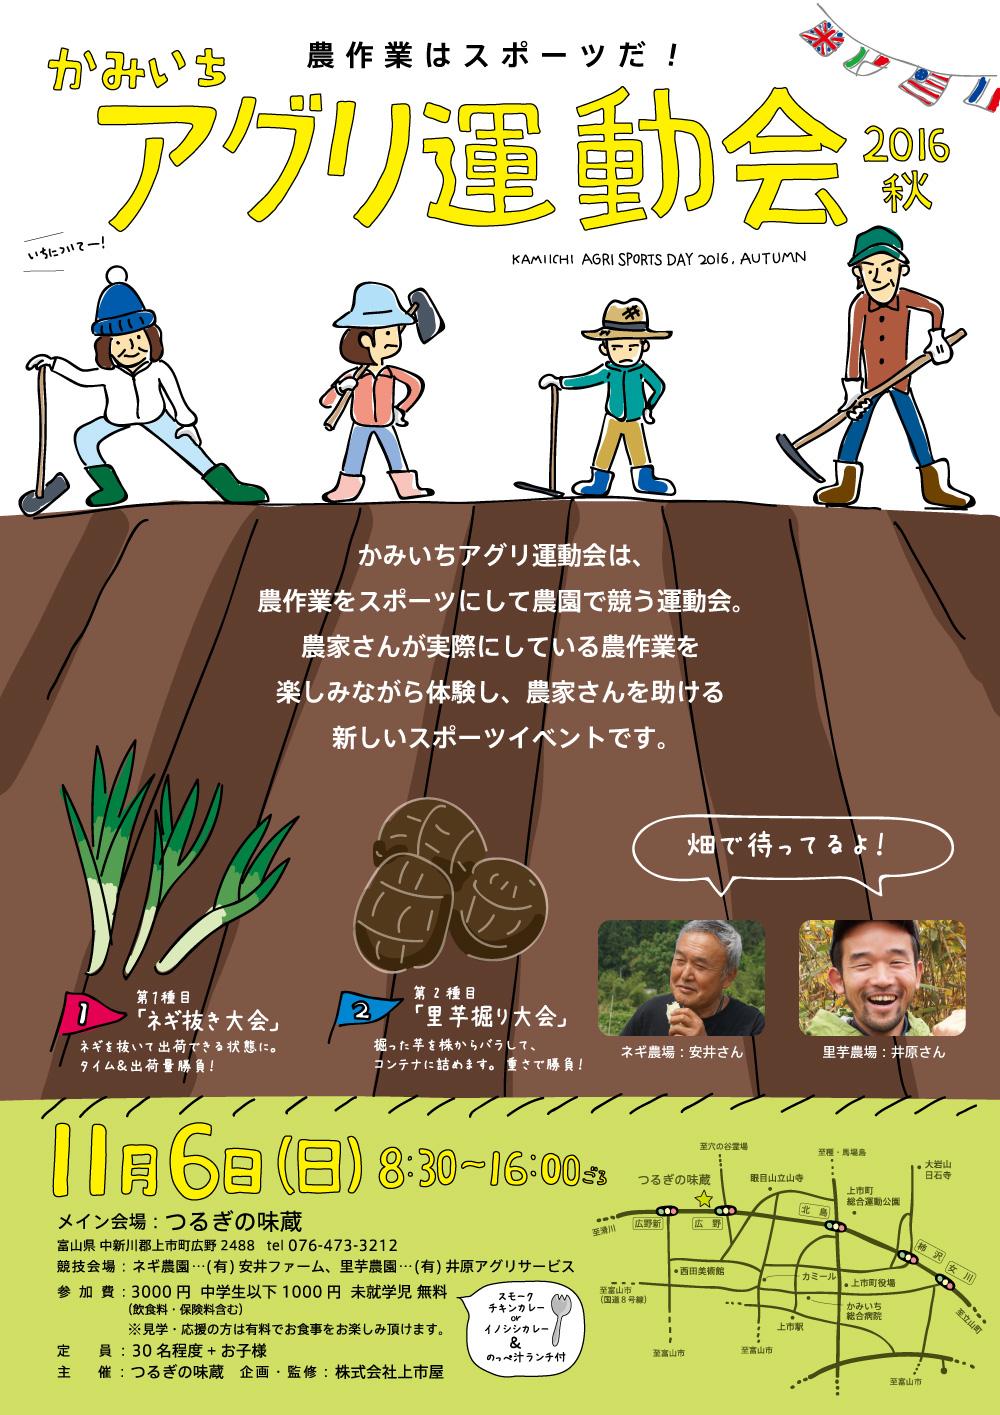 かみいちアグリ運動会 2016秋